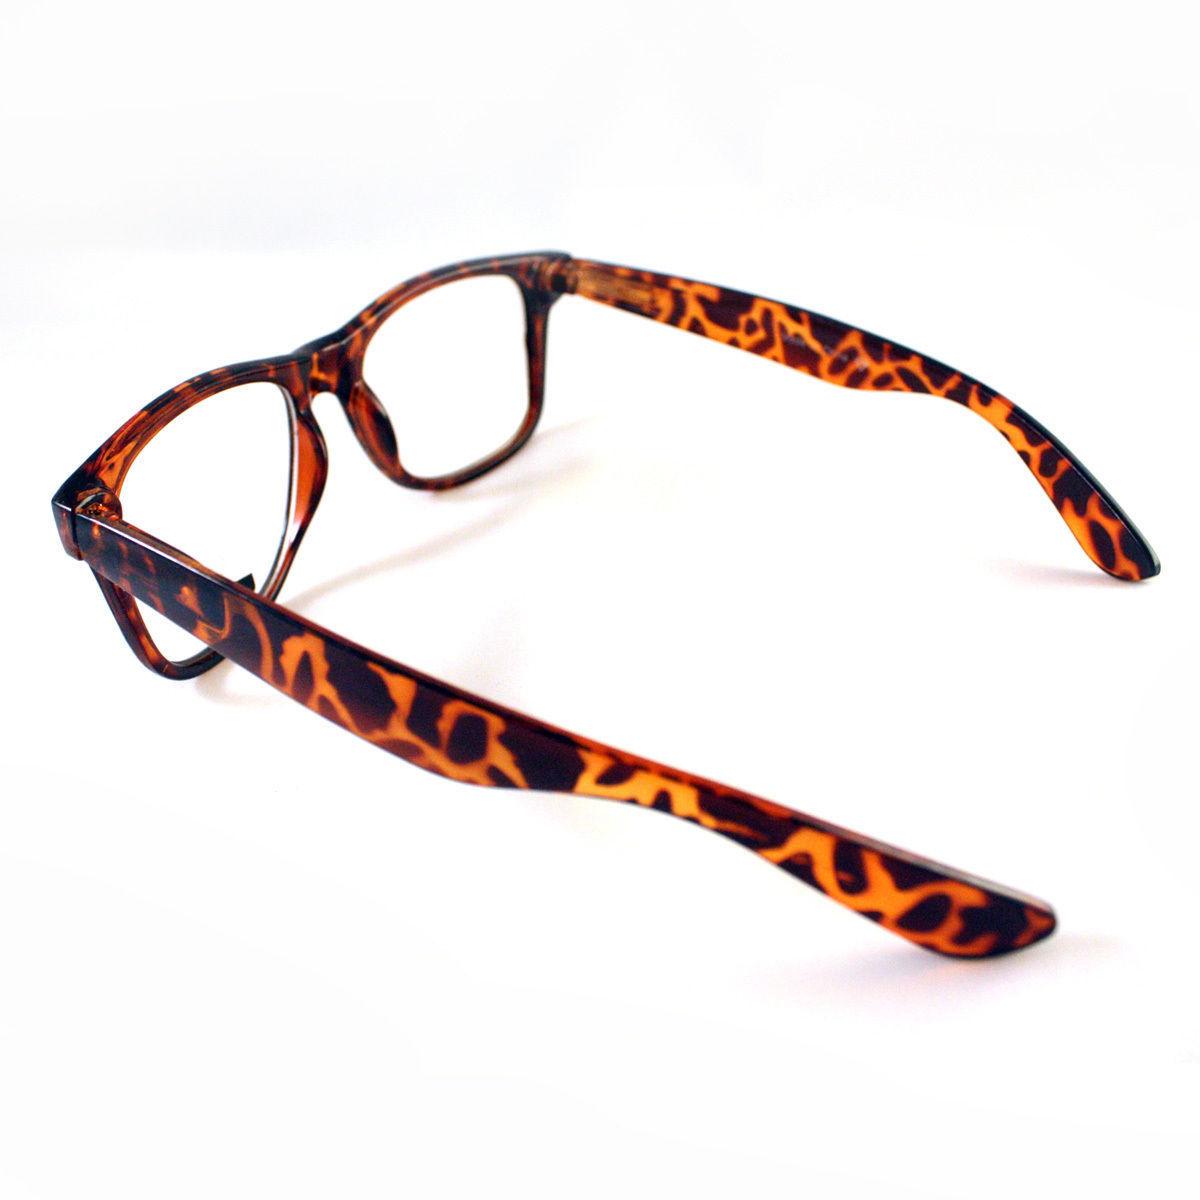 Classic Square Horn Rim Eyeglasses Clear Lens Glasses Tortoise Brown